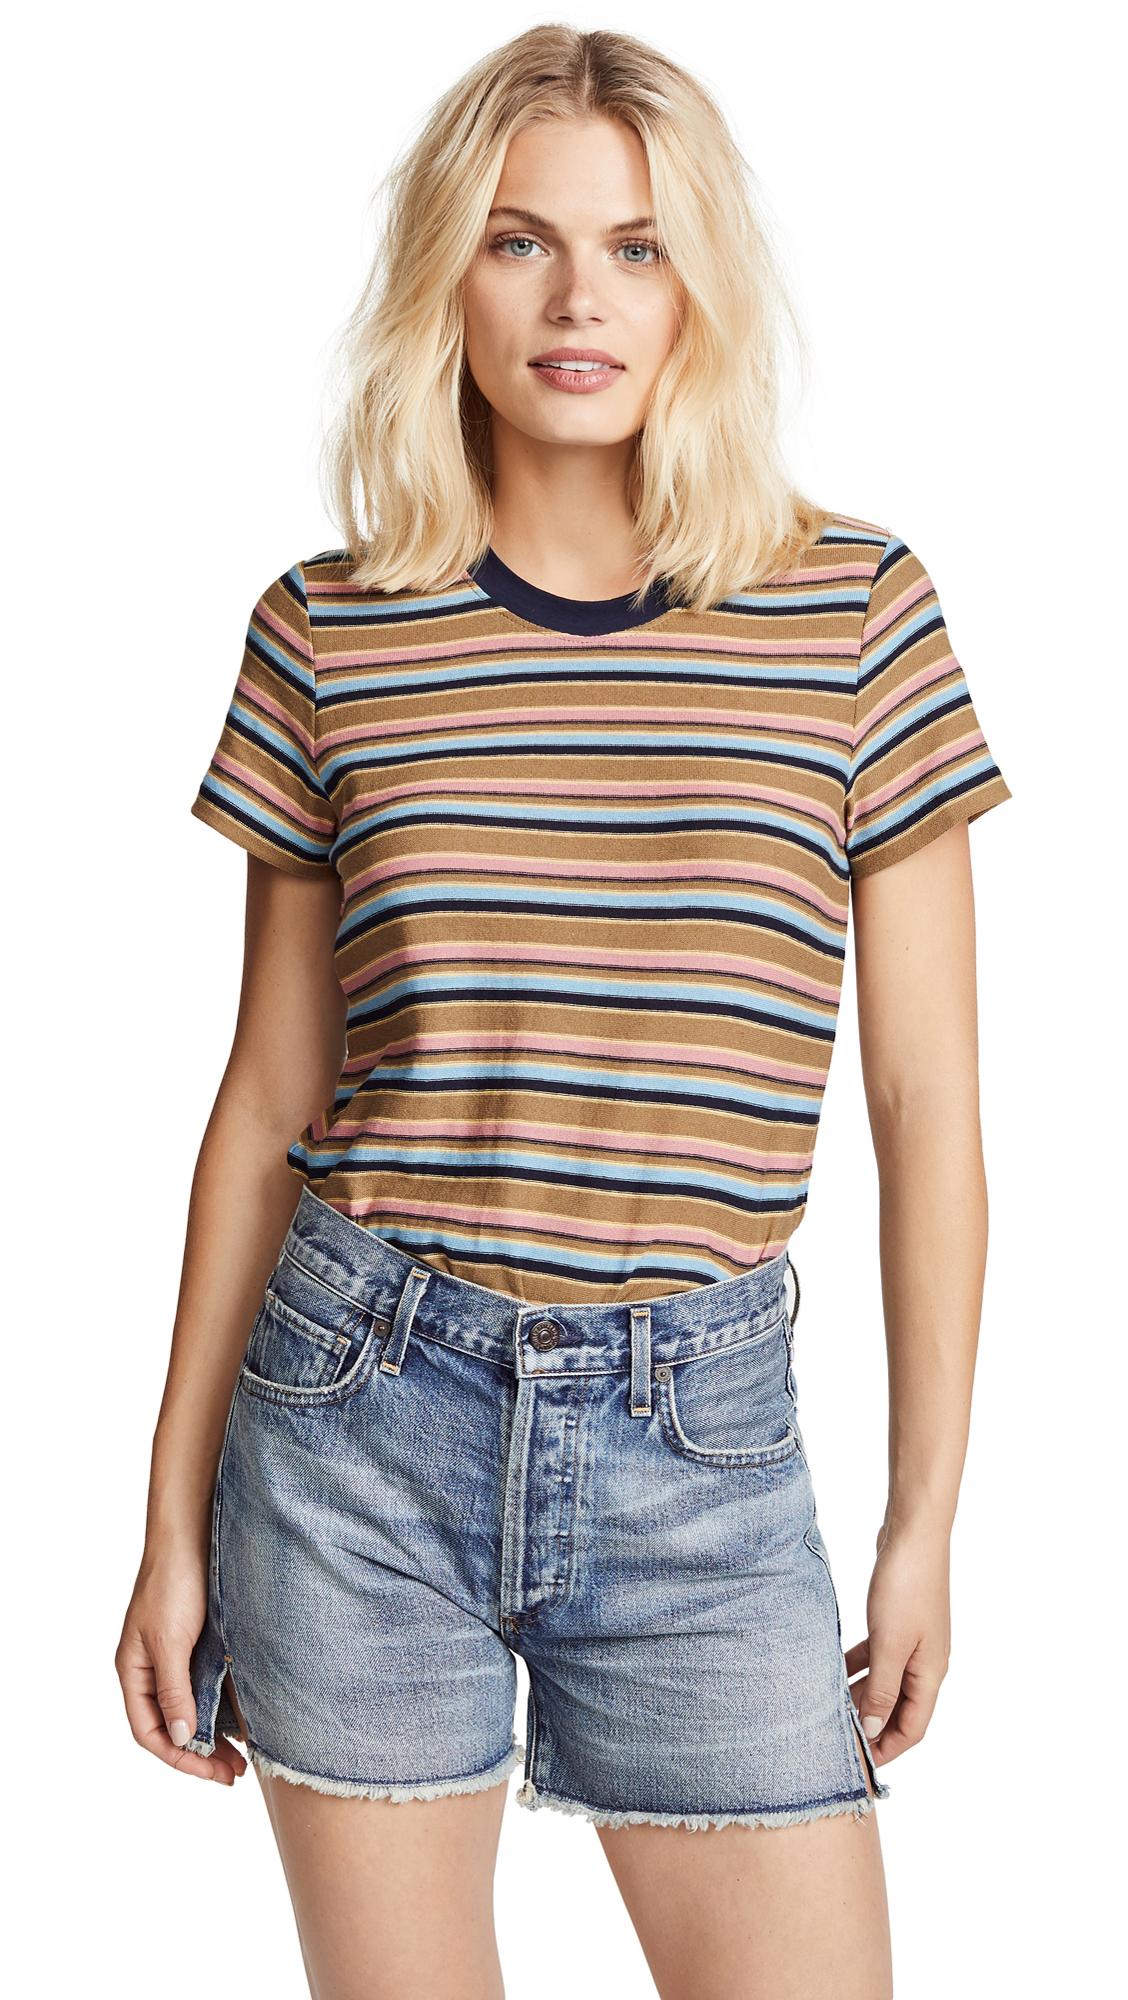 Vintage Boy Striped Cotton-Blend Jersey T-Shirt, Khaki Multi Stripe